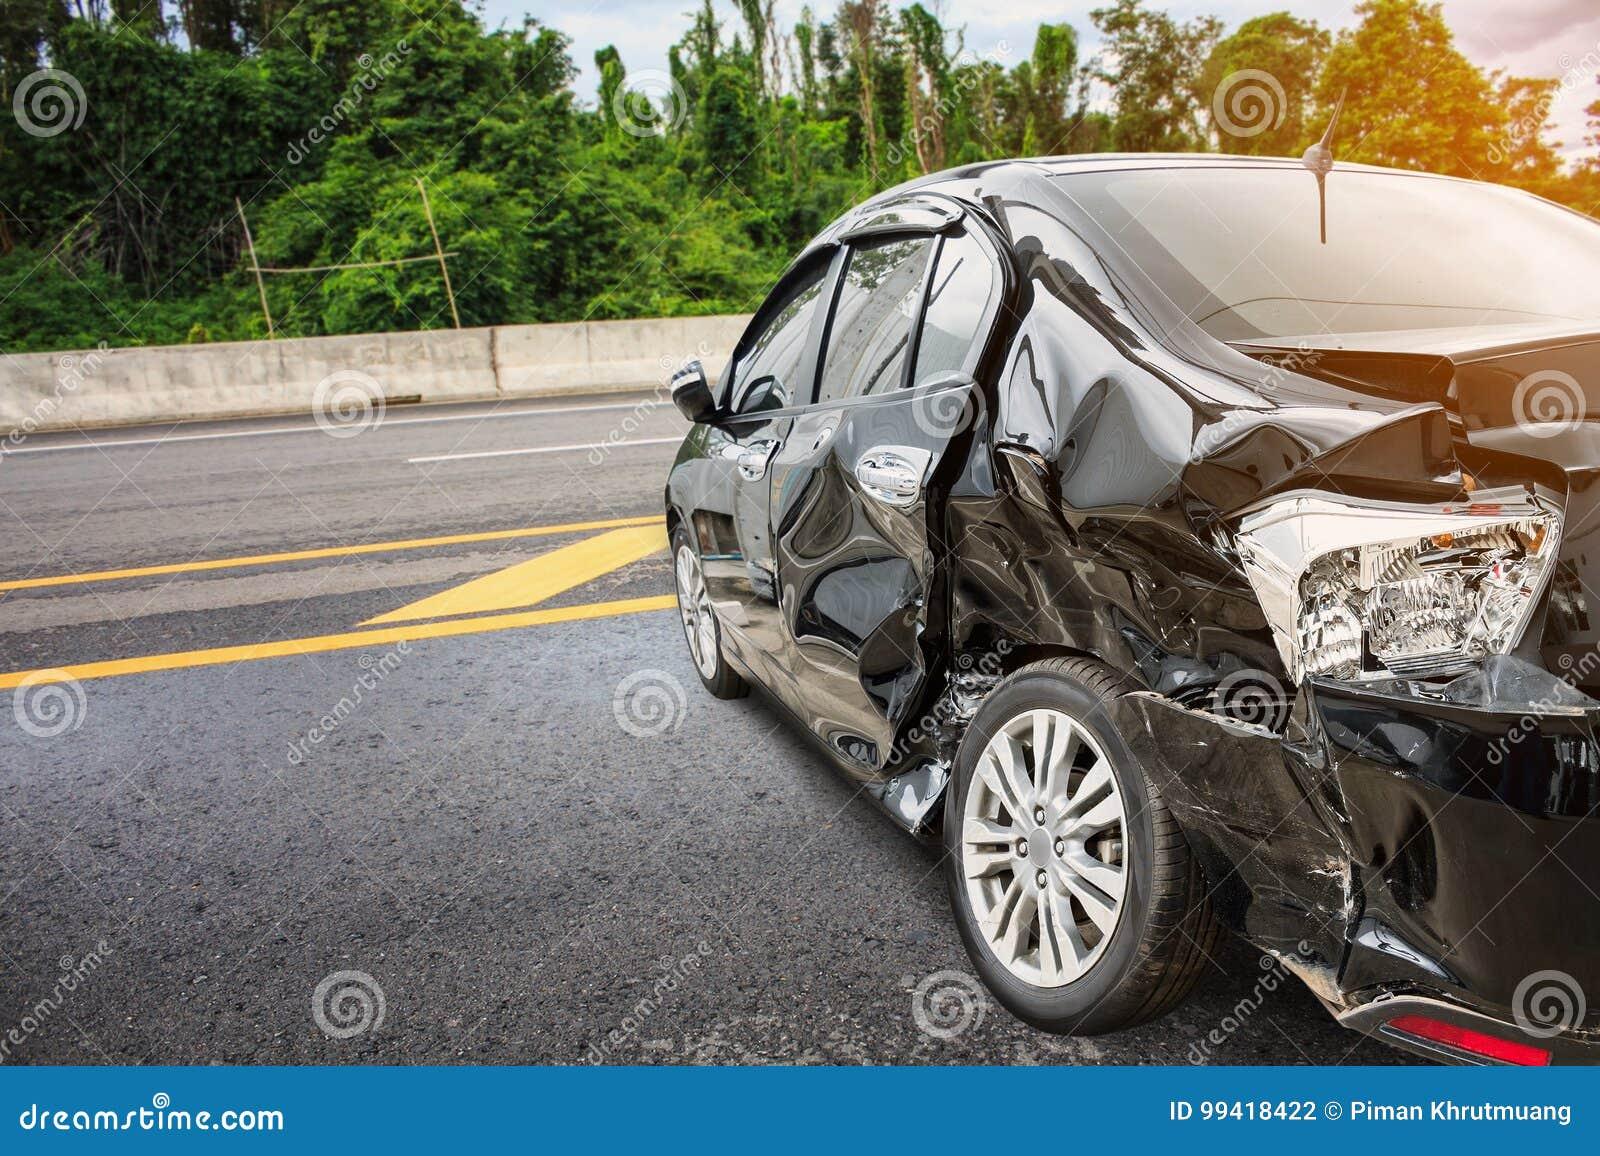 Människor för doktor för olycksbilkrasch räddar den unidentified likformign för vägen